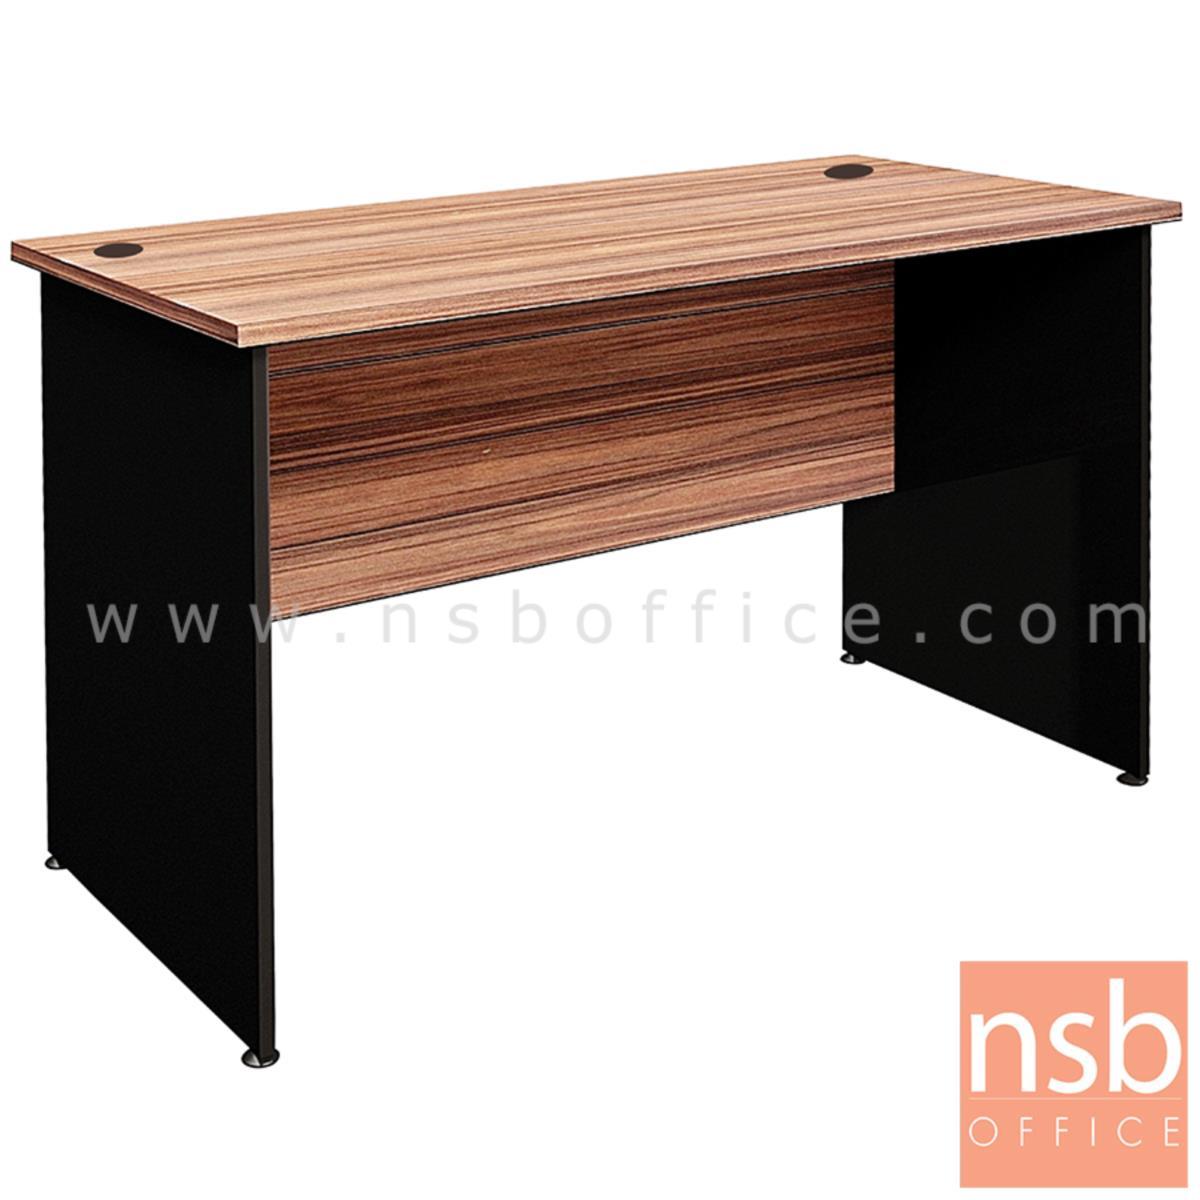 A33A062:โต๊ะทำงานโล่ง  รุ่น Giavonna (โจบาน่า) ขนาด 120W cm. เมลามีน สีวอลนัทตัดดำ